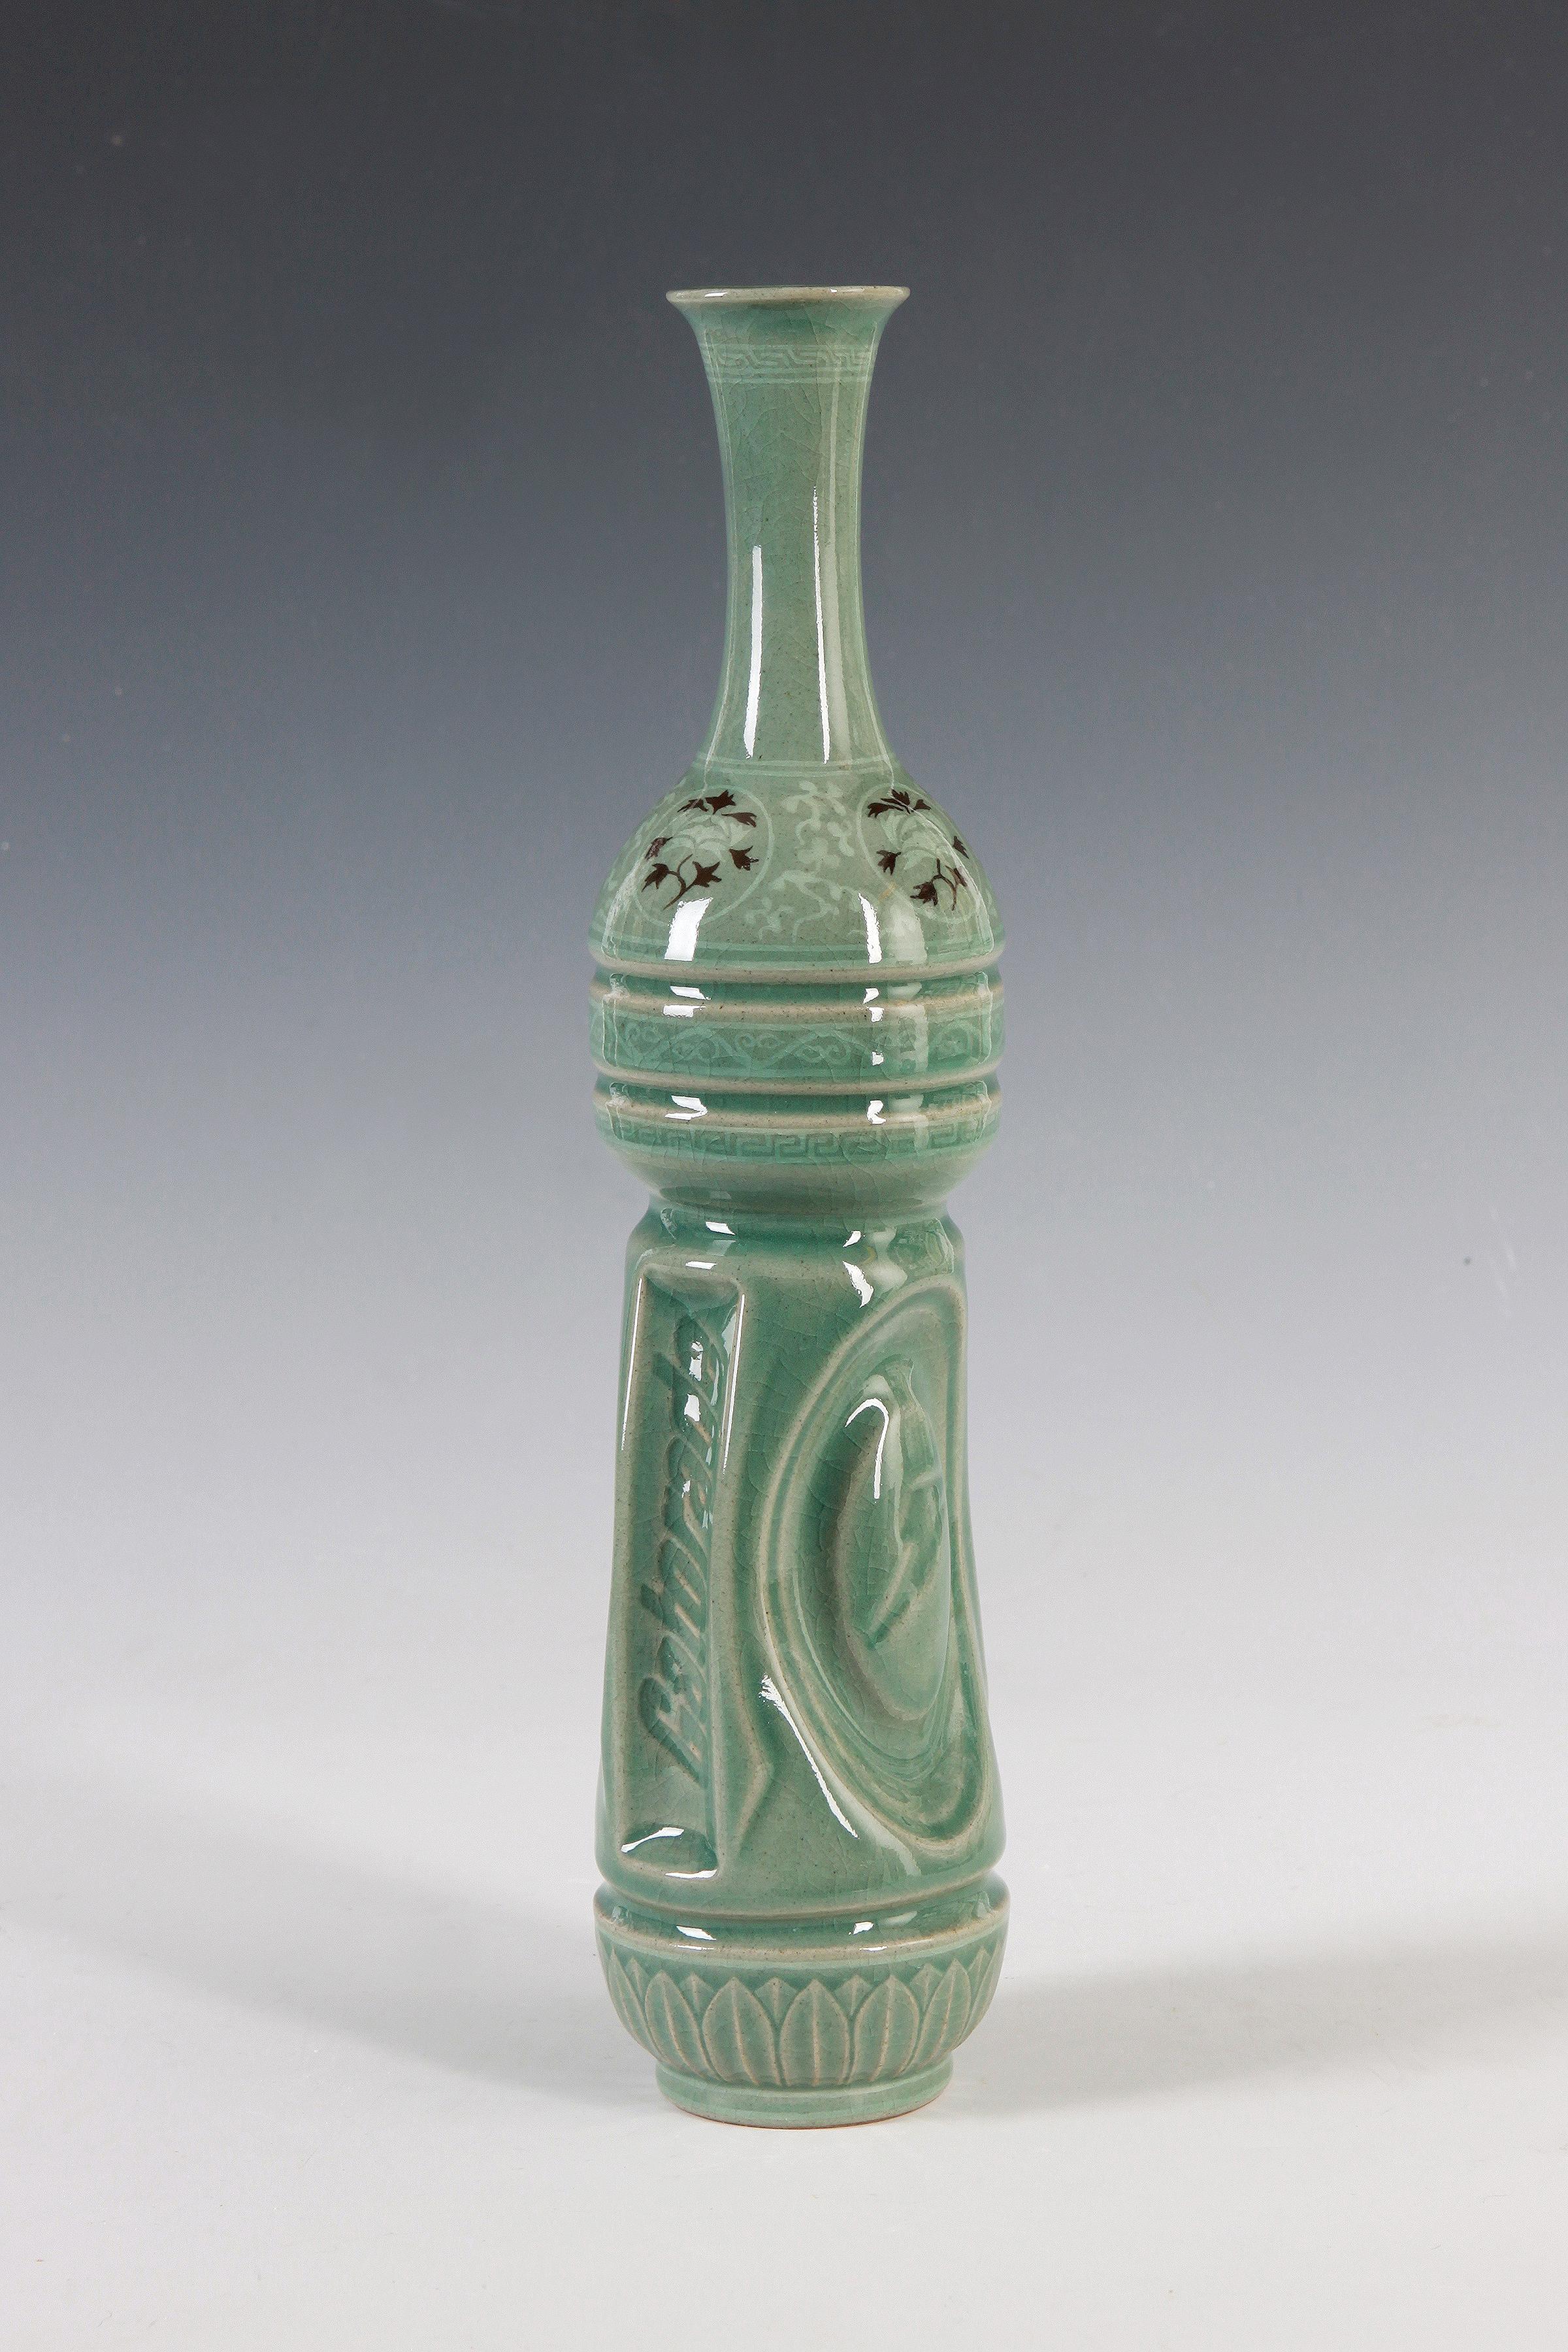 92.Celadon Bottle - Gatorade